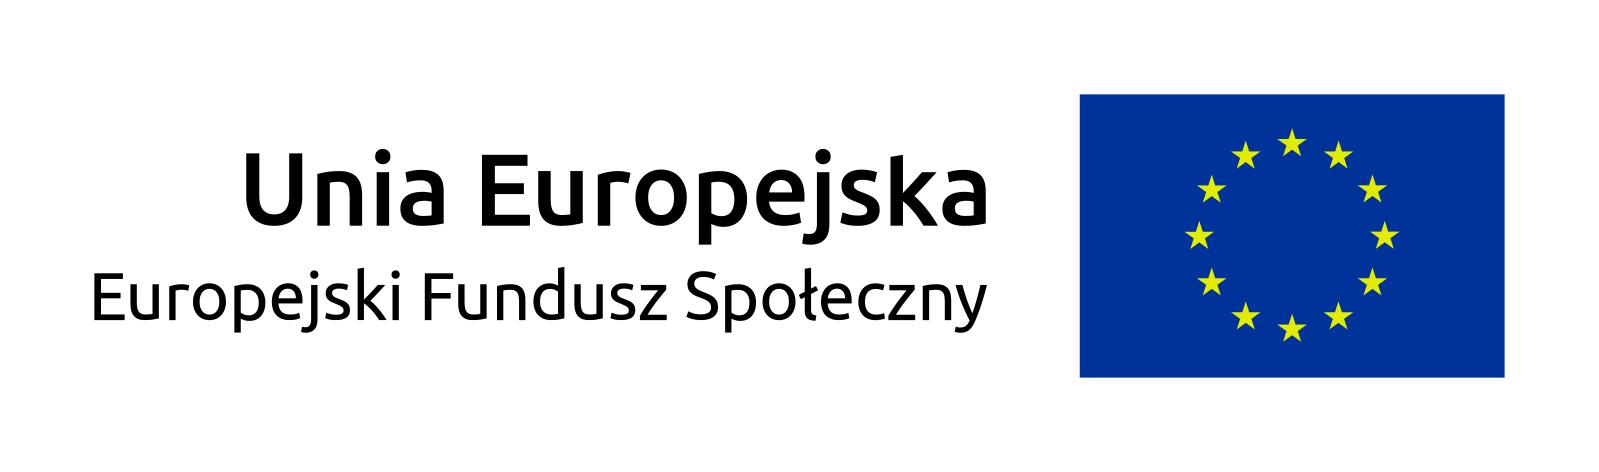 Obraz znaleziony dla: fundusze europejskie obrazek